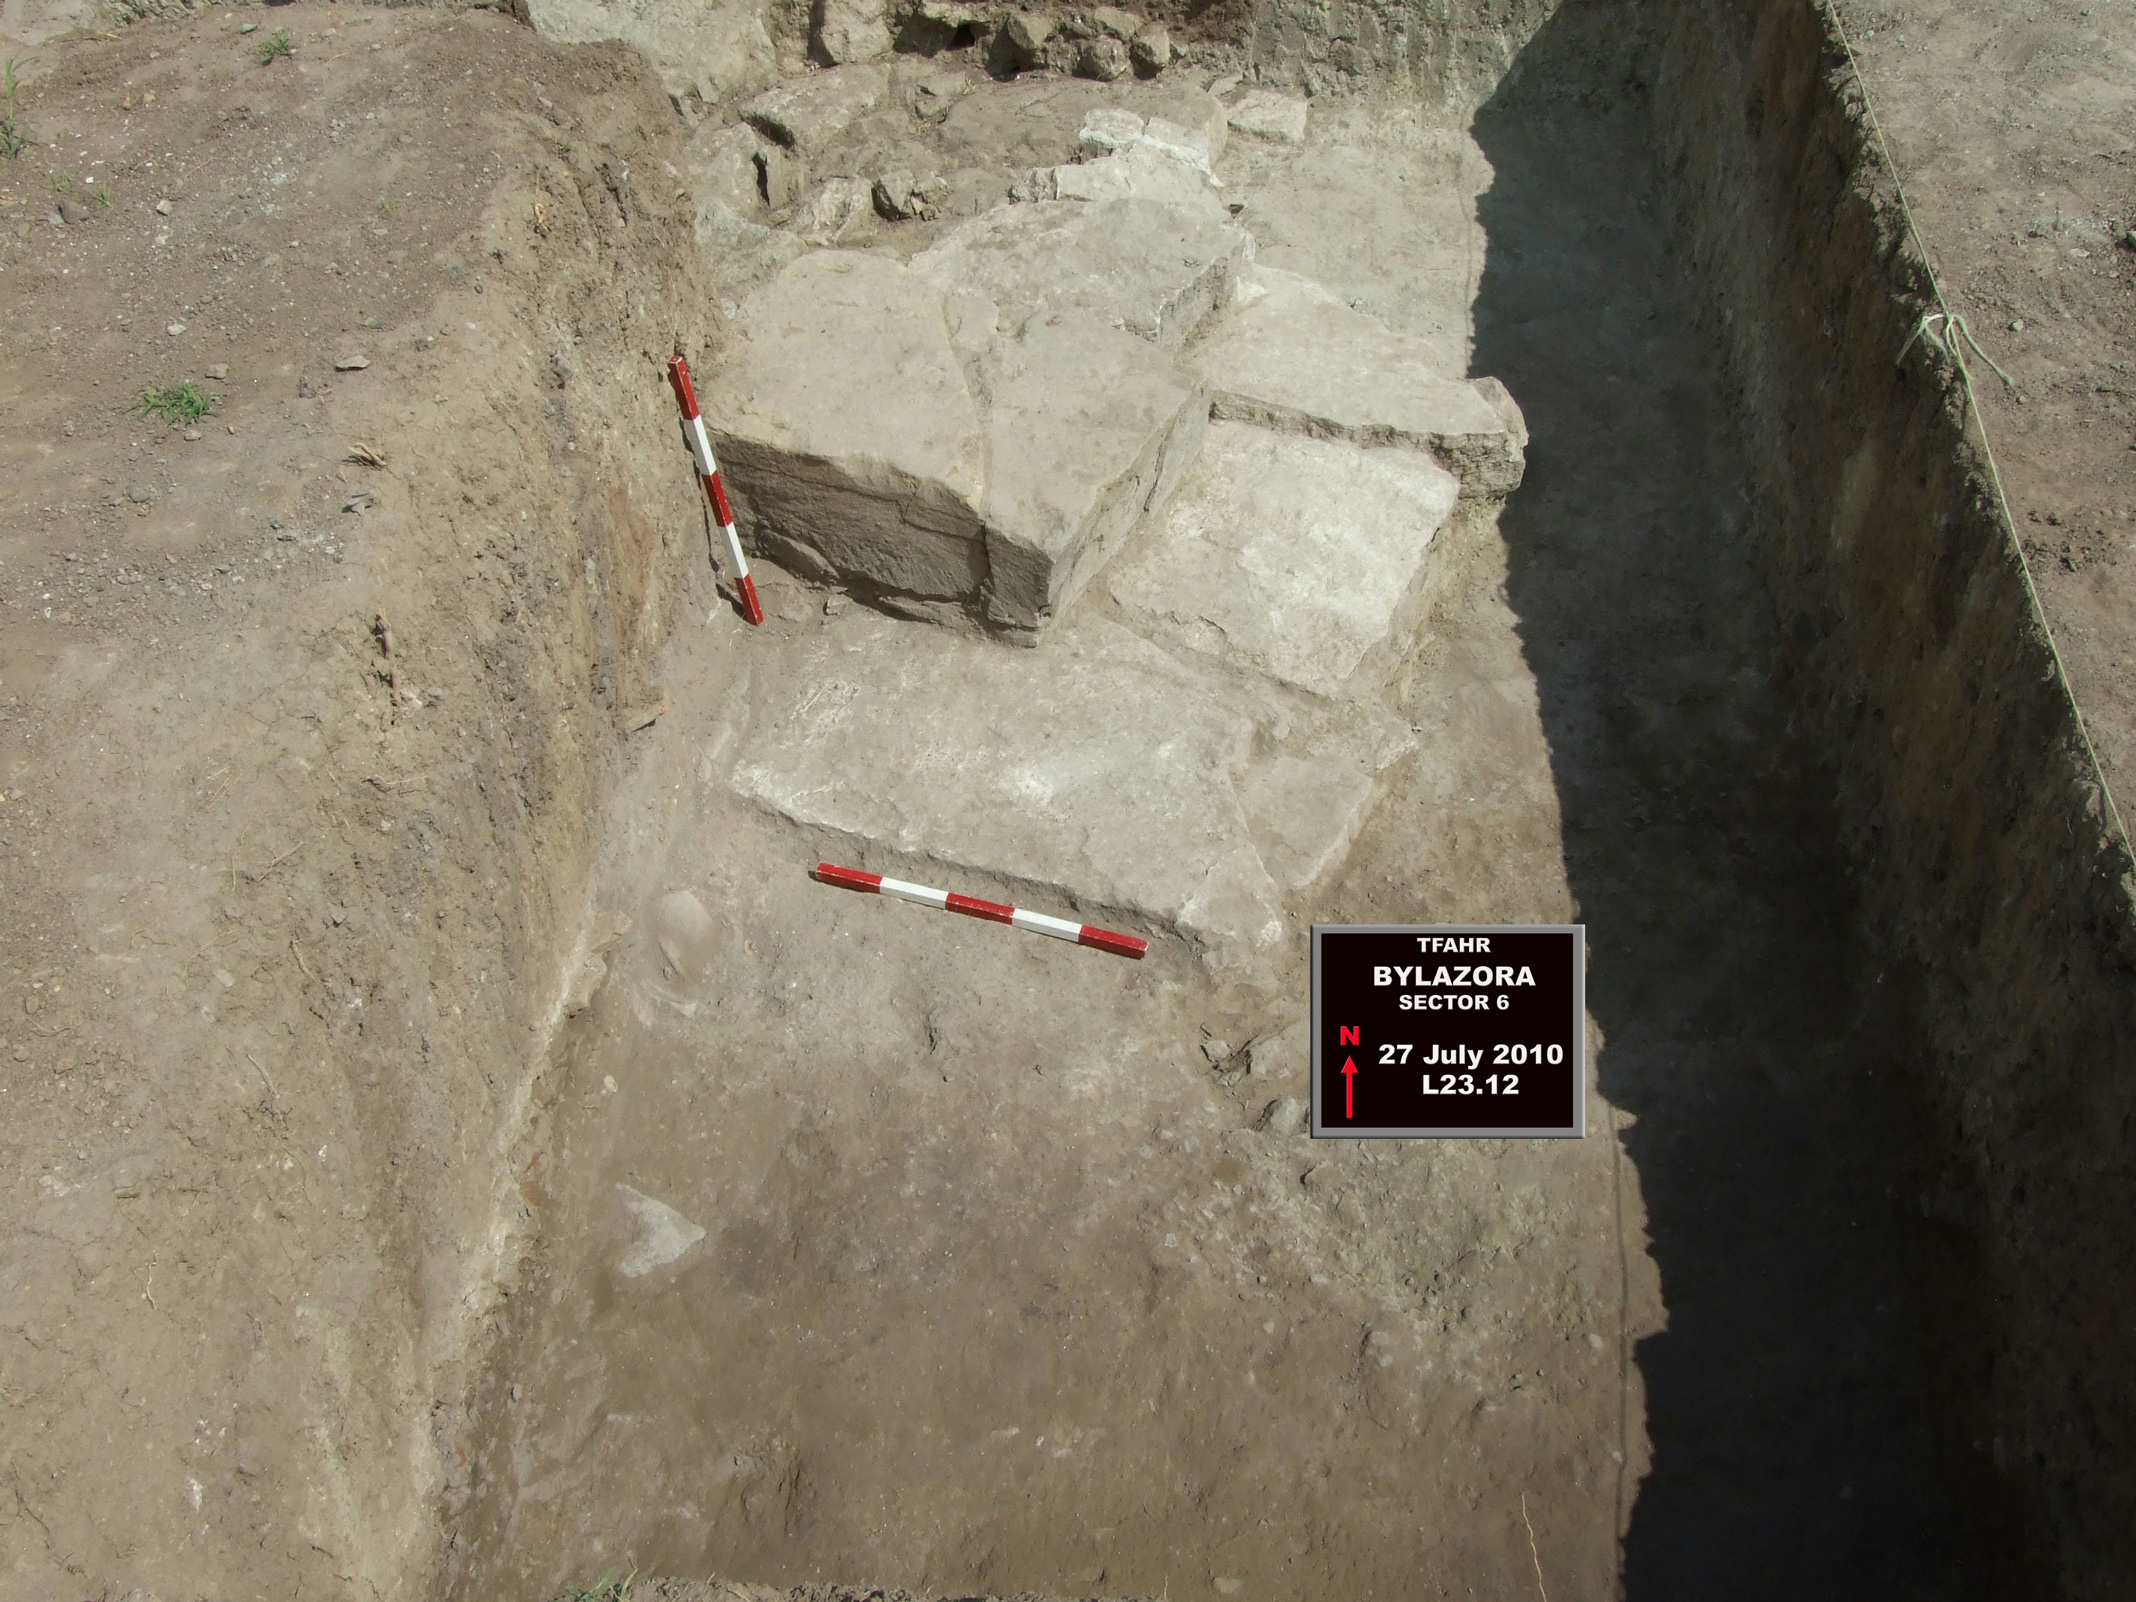 http://www.tfahr.org/images/2010FAlb045.jpg